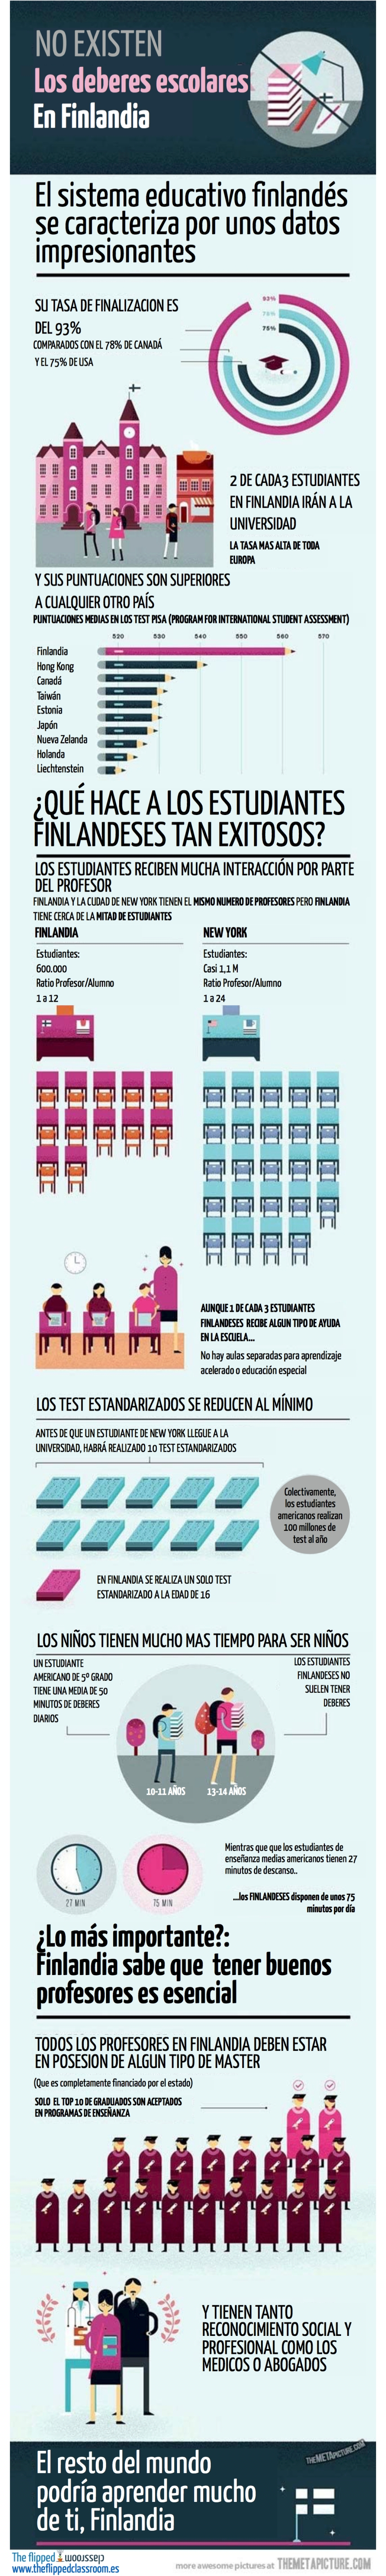 Los impresionantes datos de la Educación en Finlandia